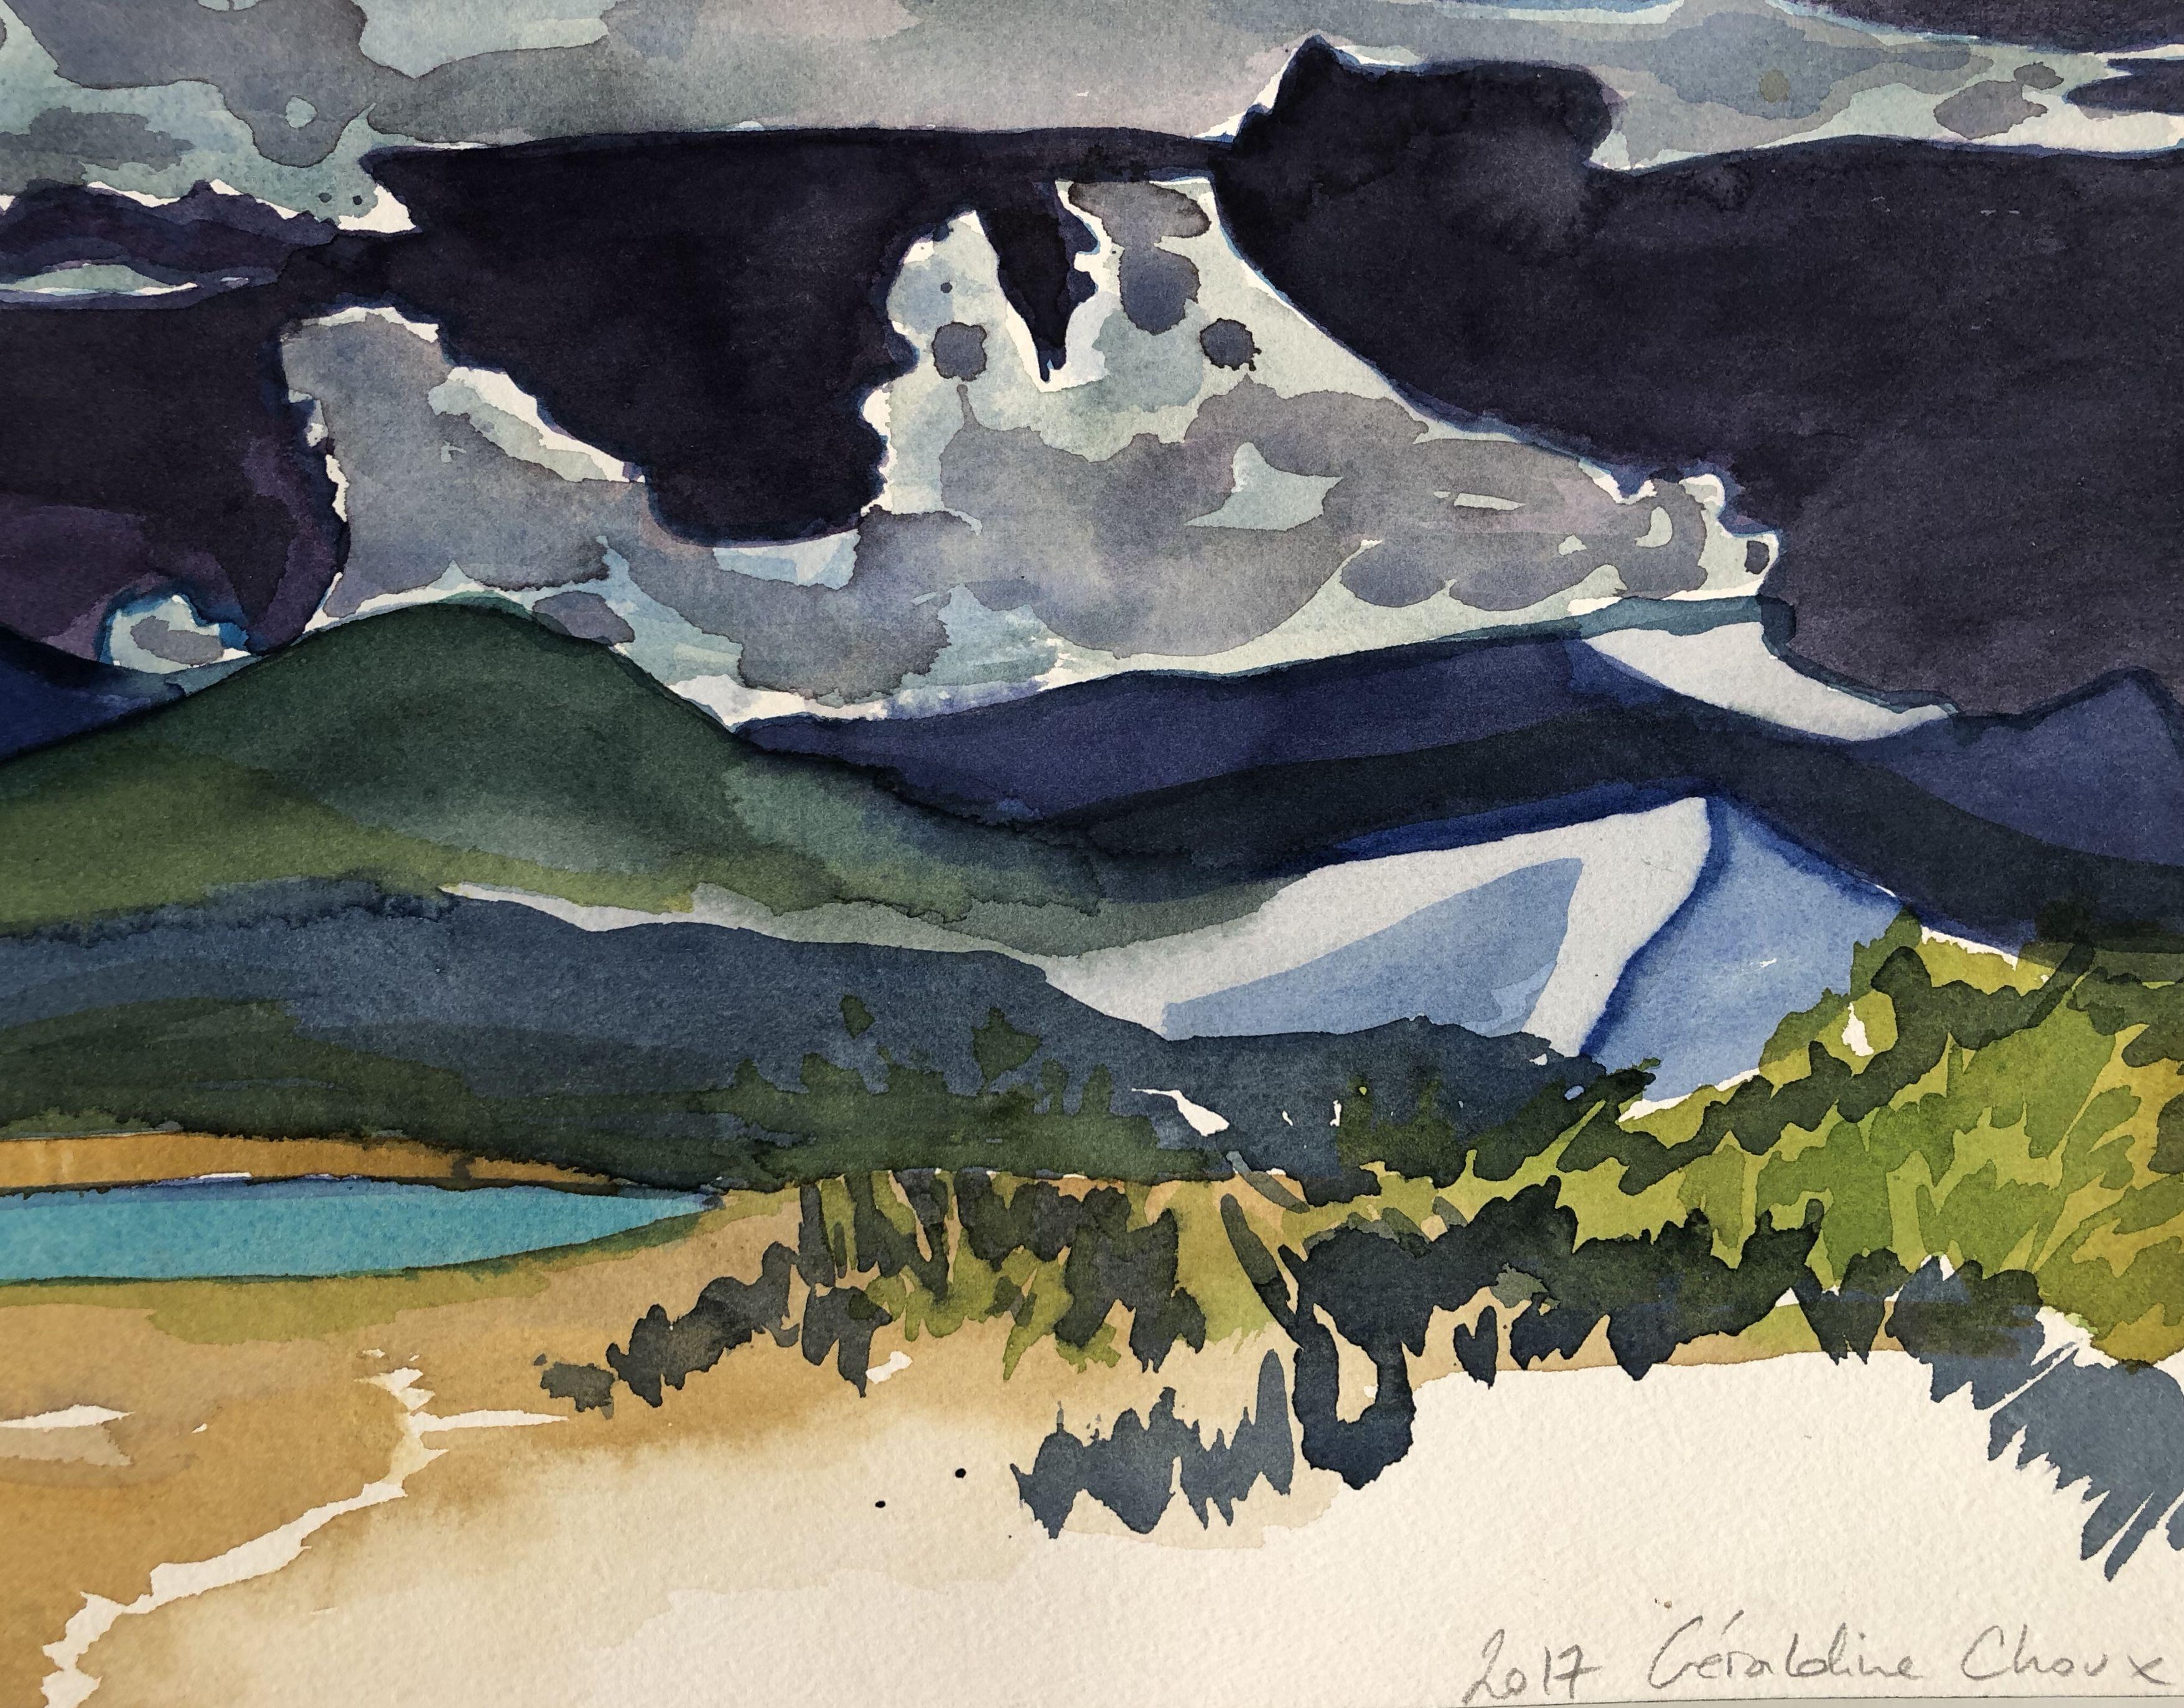 Acrylique sur papier - Géraldine Choux revient avec des paysages